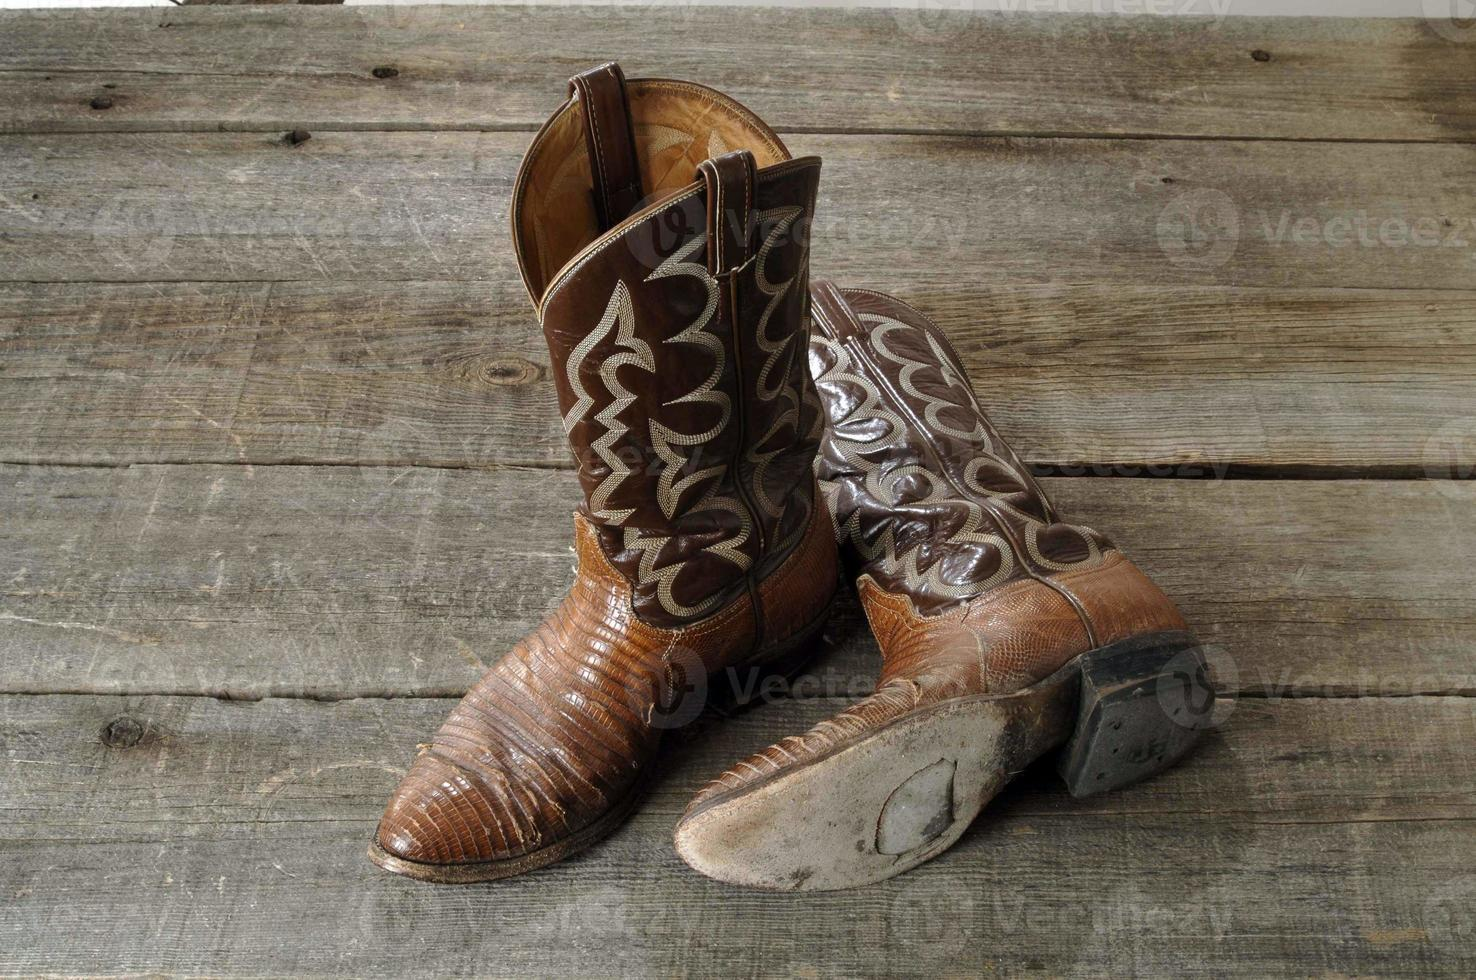 botas de cowboy velhas foto